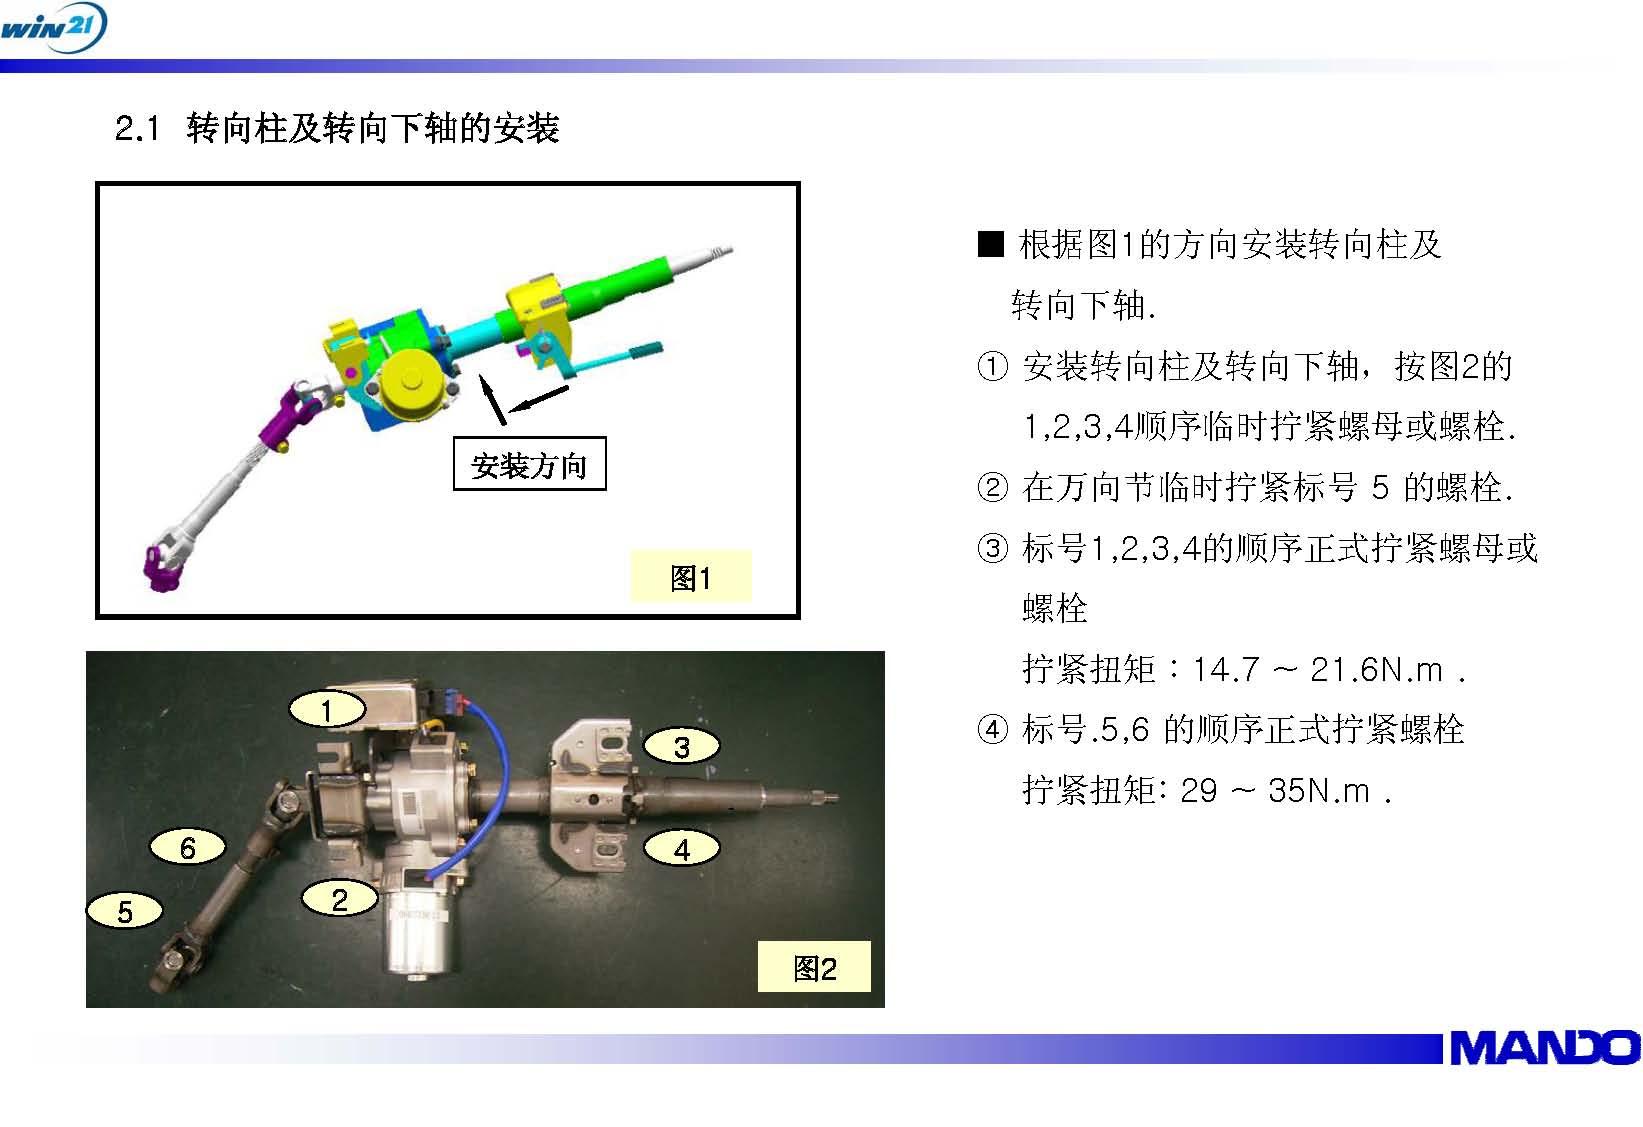 长安志翔eps电动转向系统